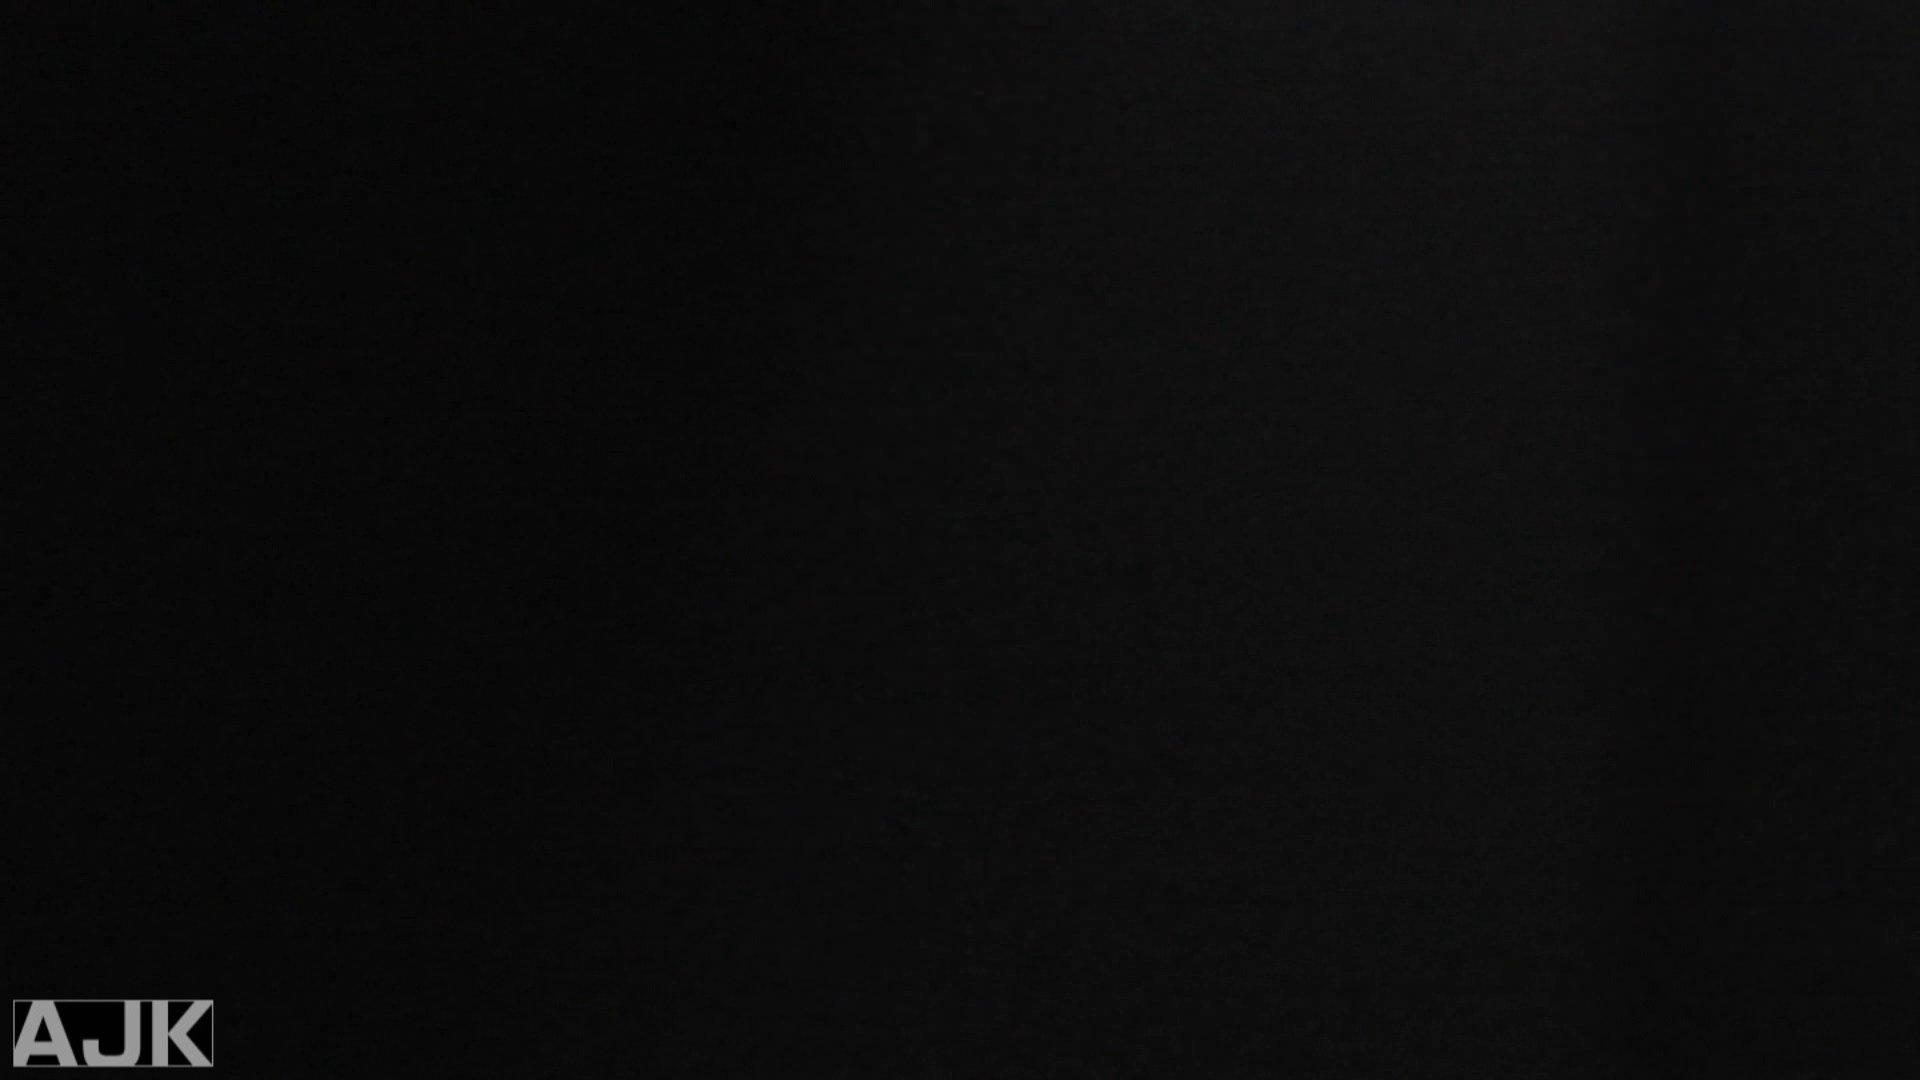 神降臨!史上最強の潜入かわや! vol.25 オマンコ | 肛門  82pic 41